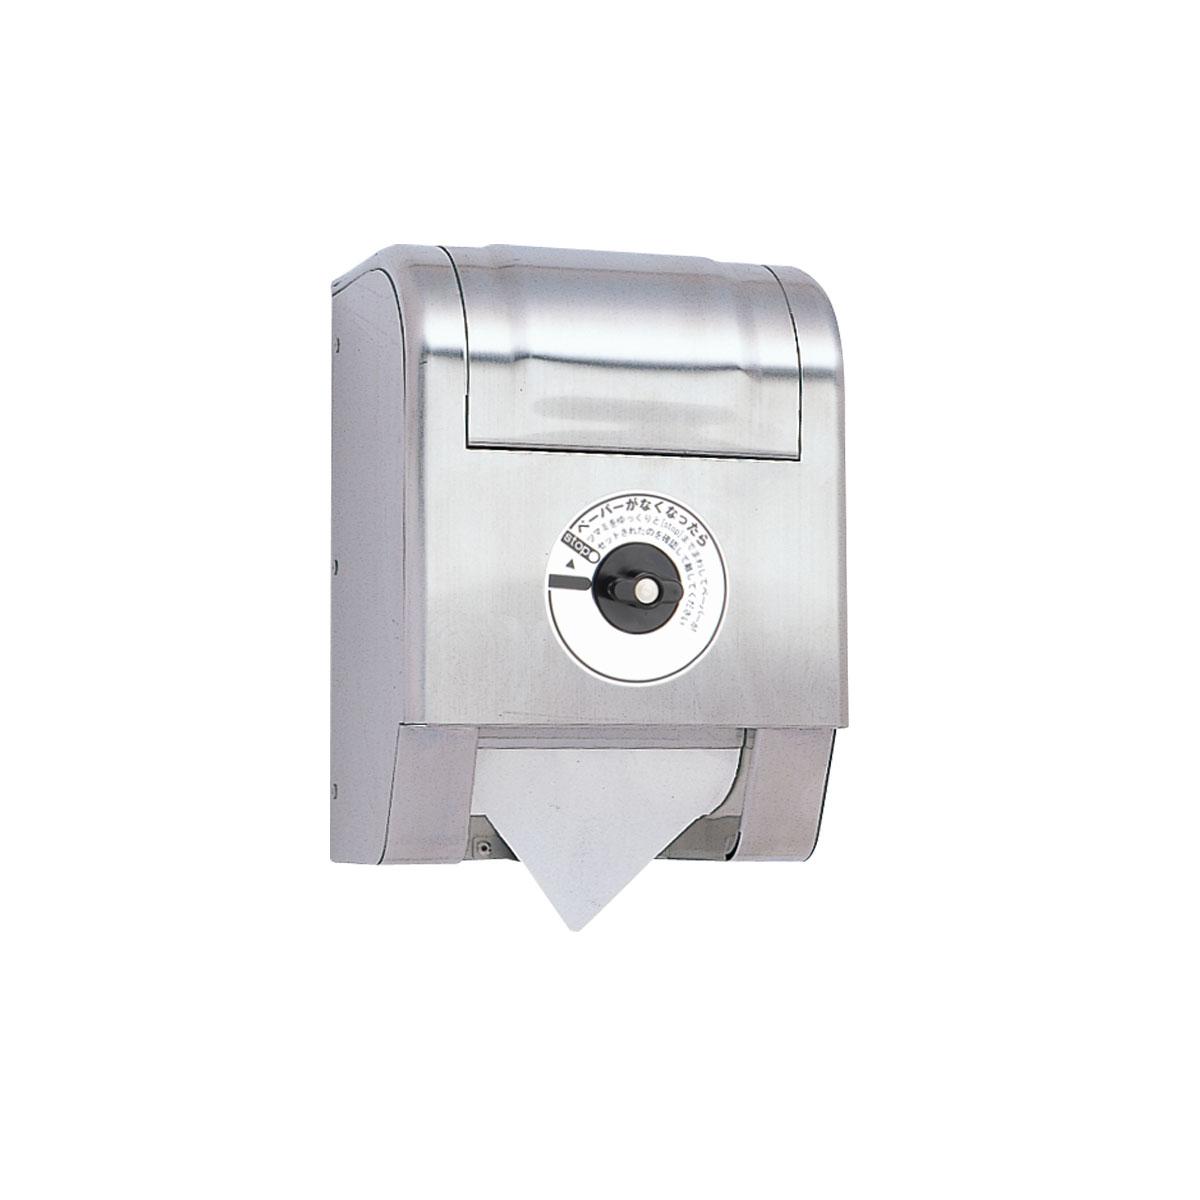 リラインス ボックス型ペーパーホルダー(2本用)露出型 R5502